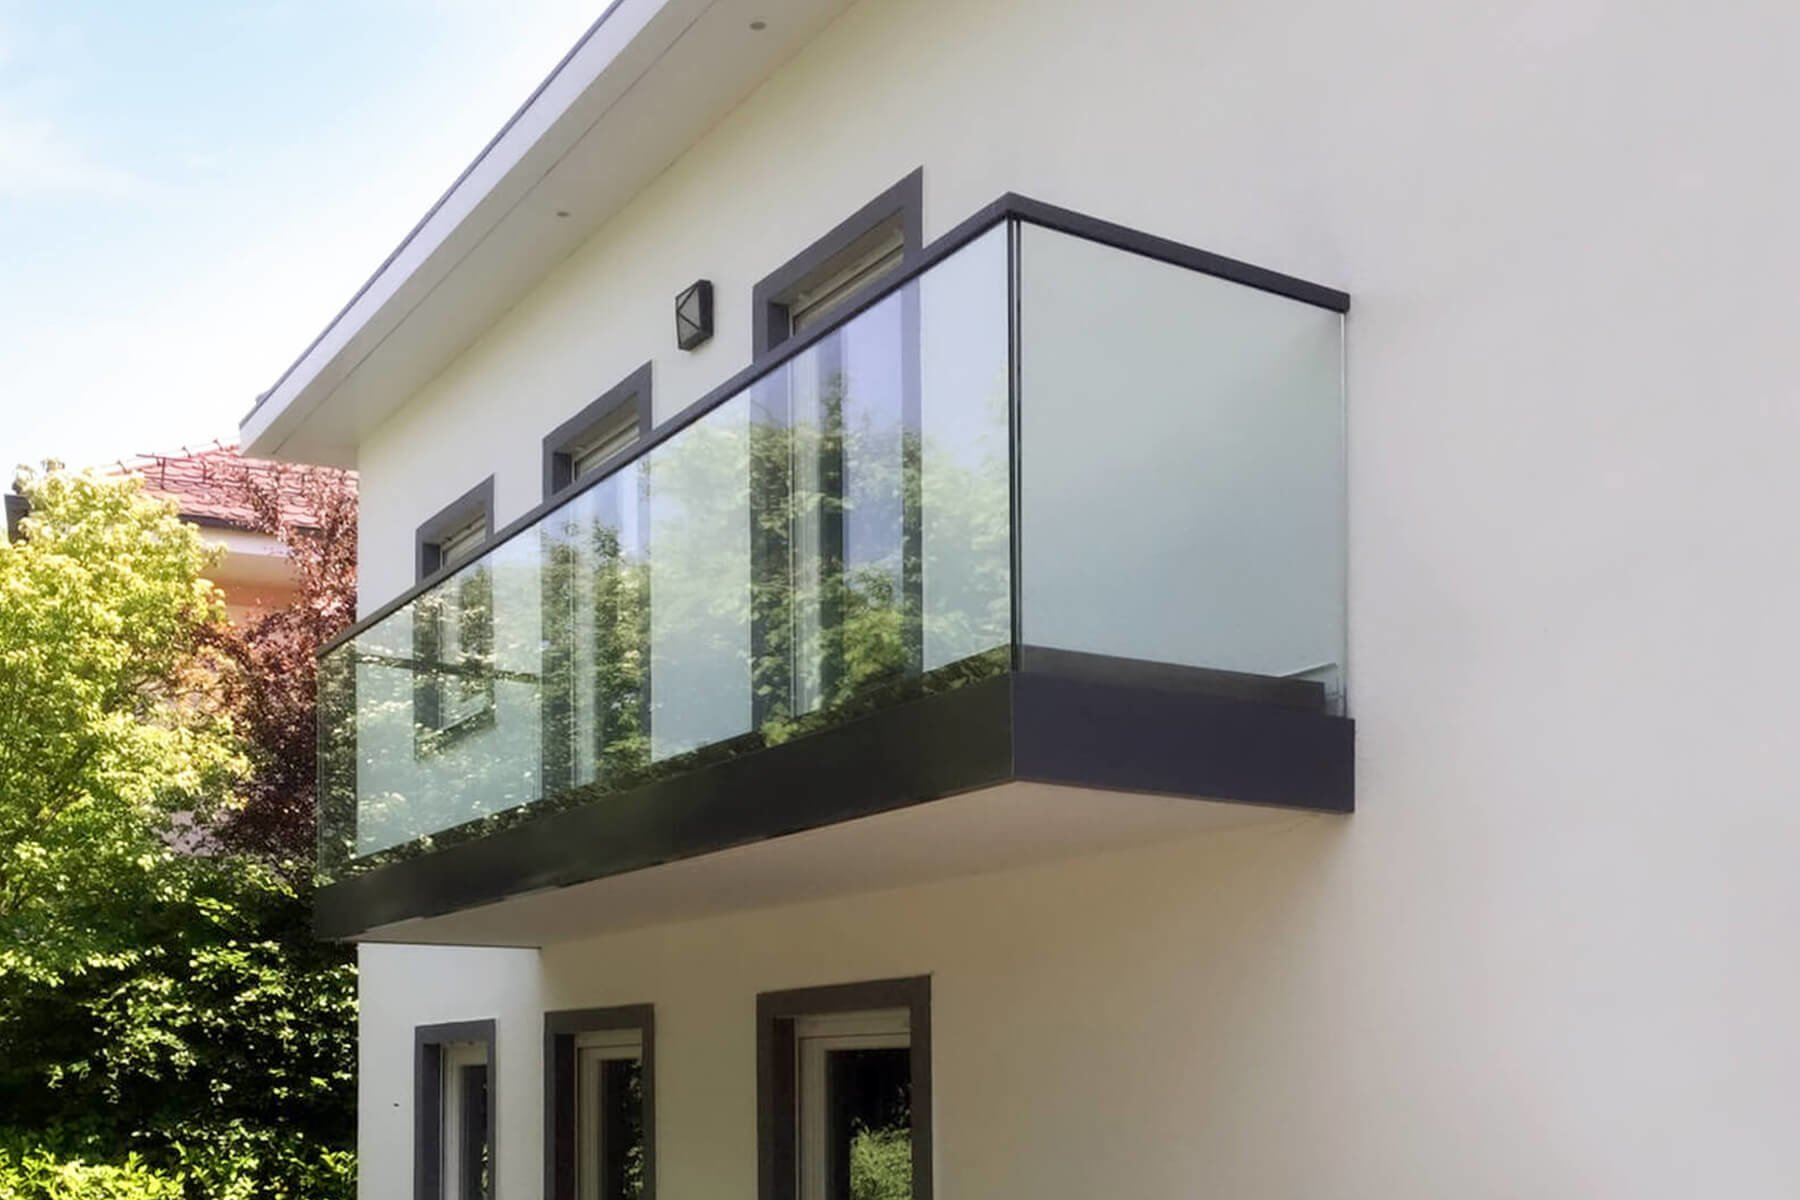 Gelaender aus Glas individuell nach Maß ideal fuer die Dachterasse oder Balkin